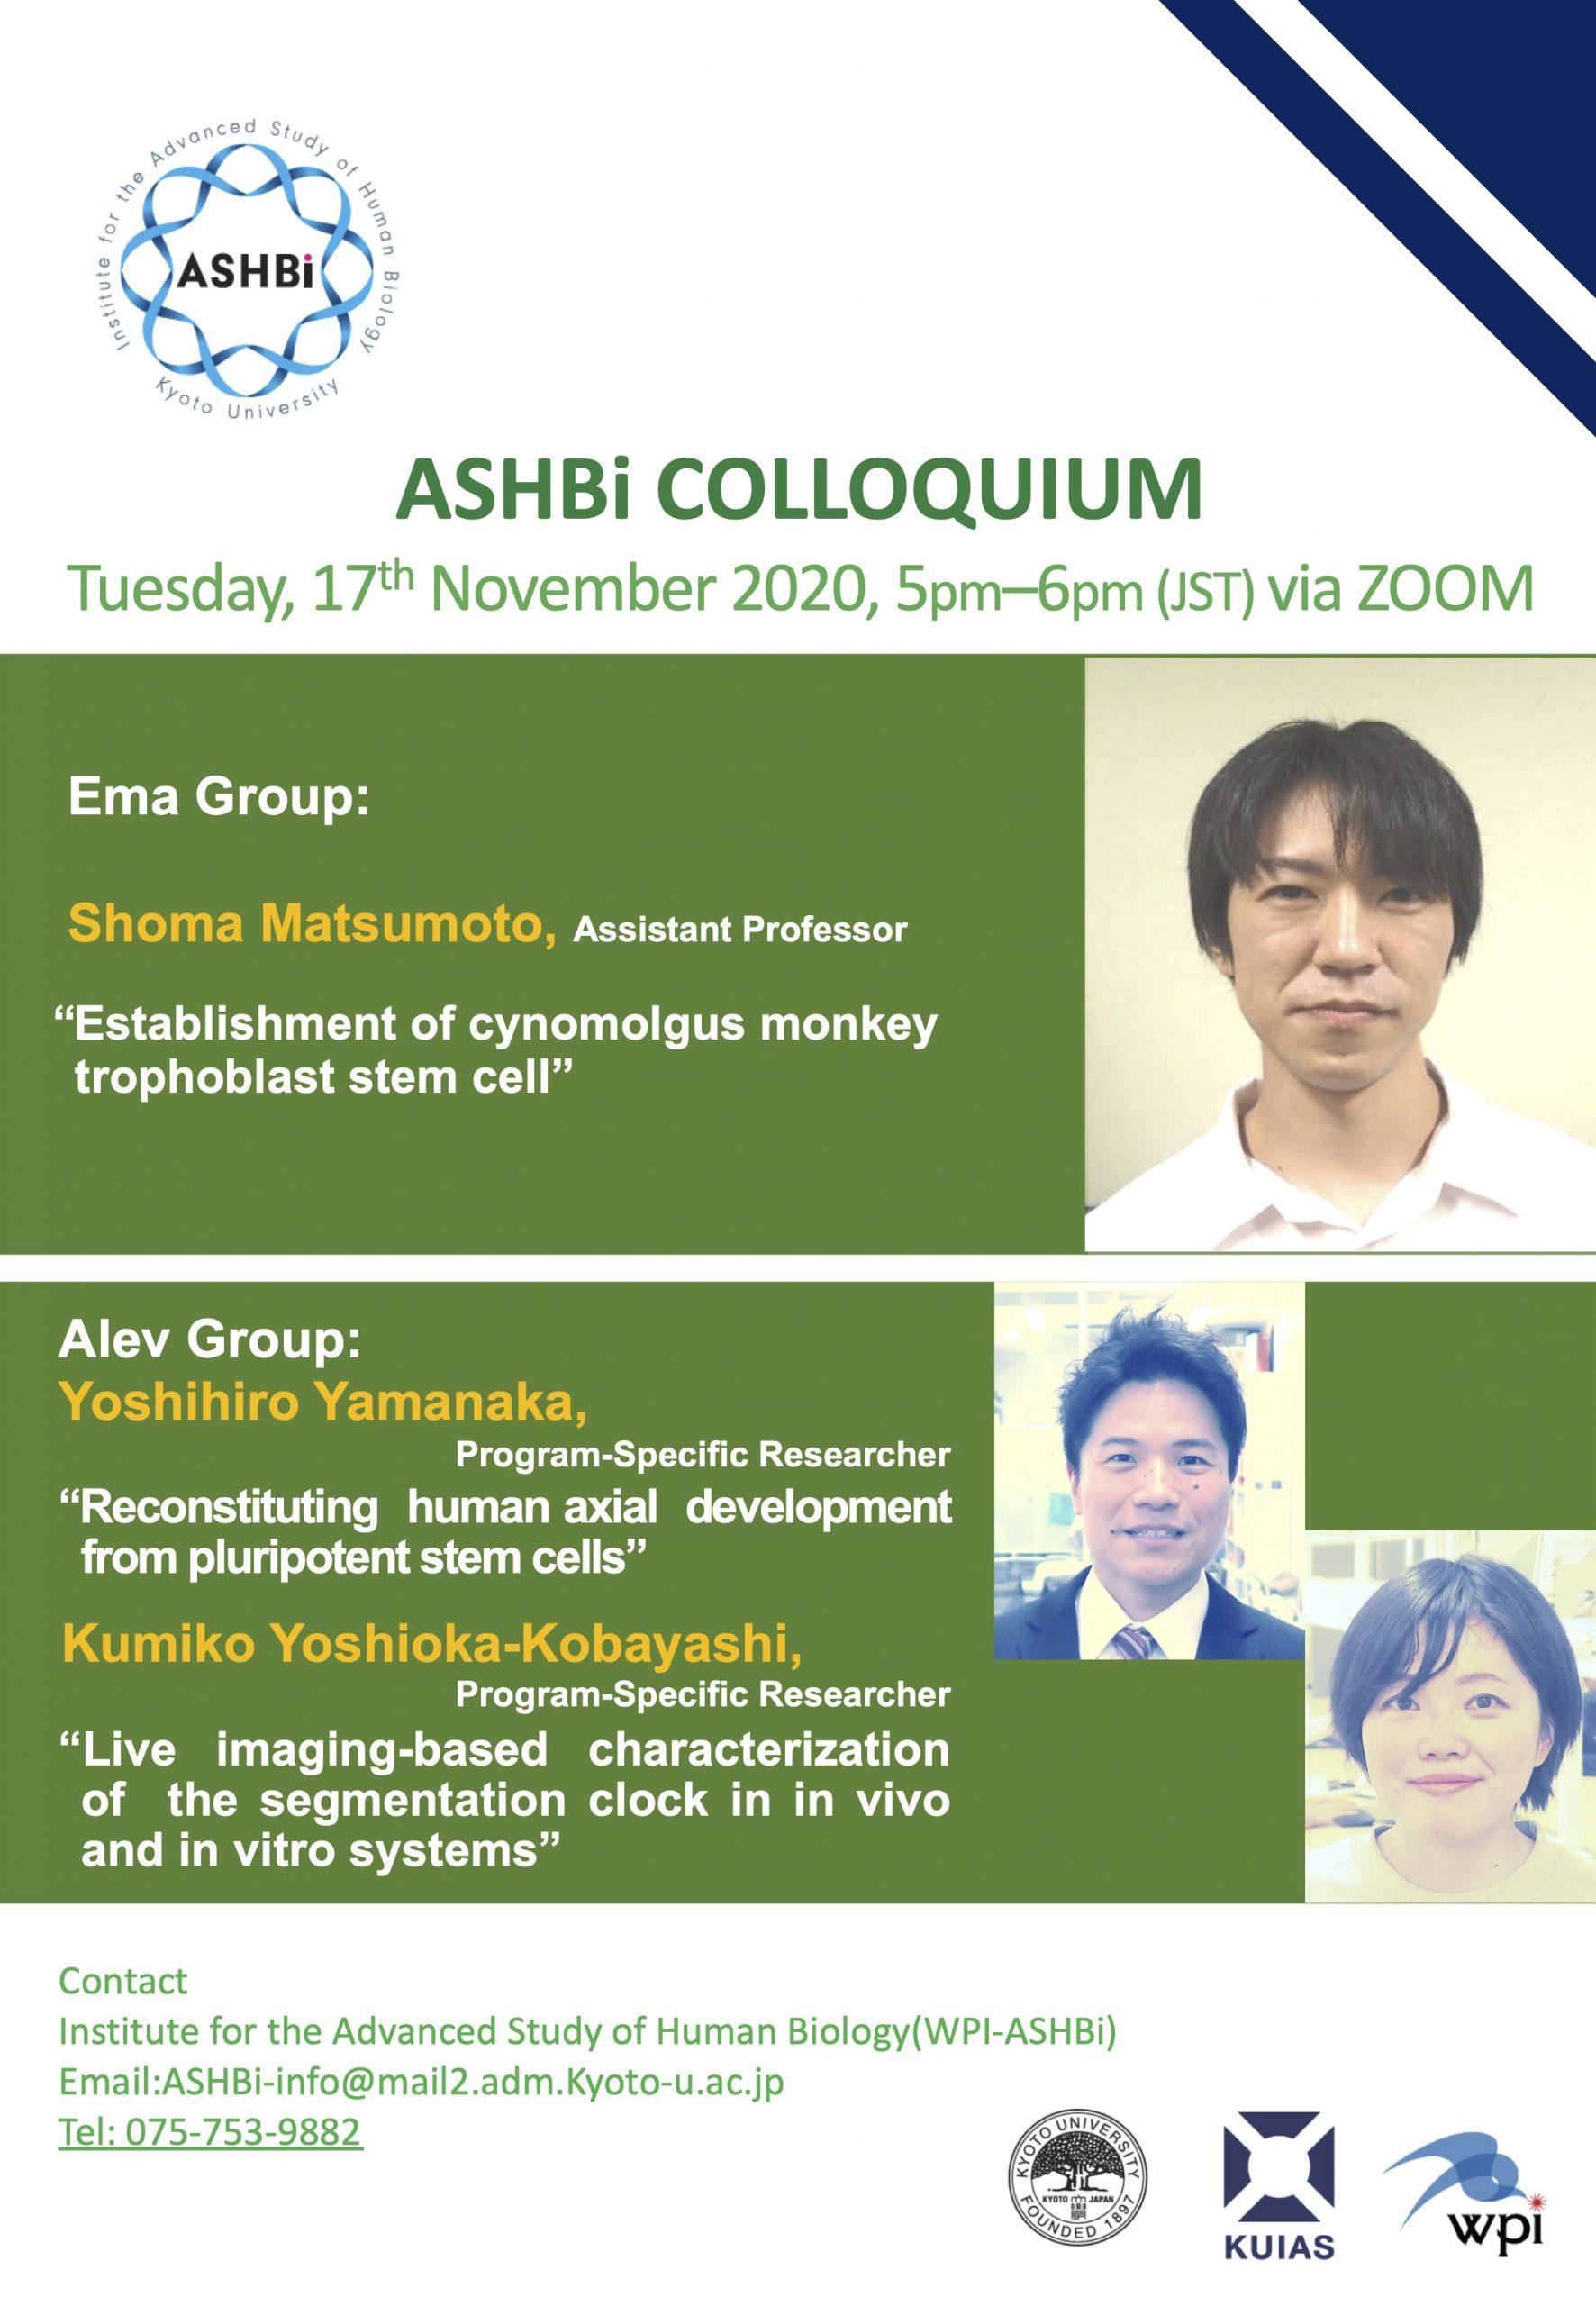 第12回 ASHBi Colloquium (依馬グループ、アレヴグループ)